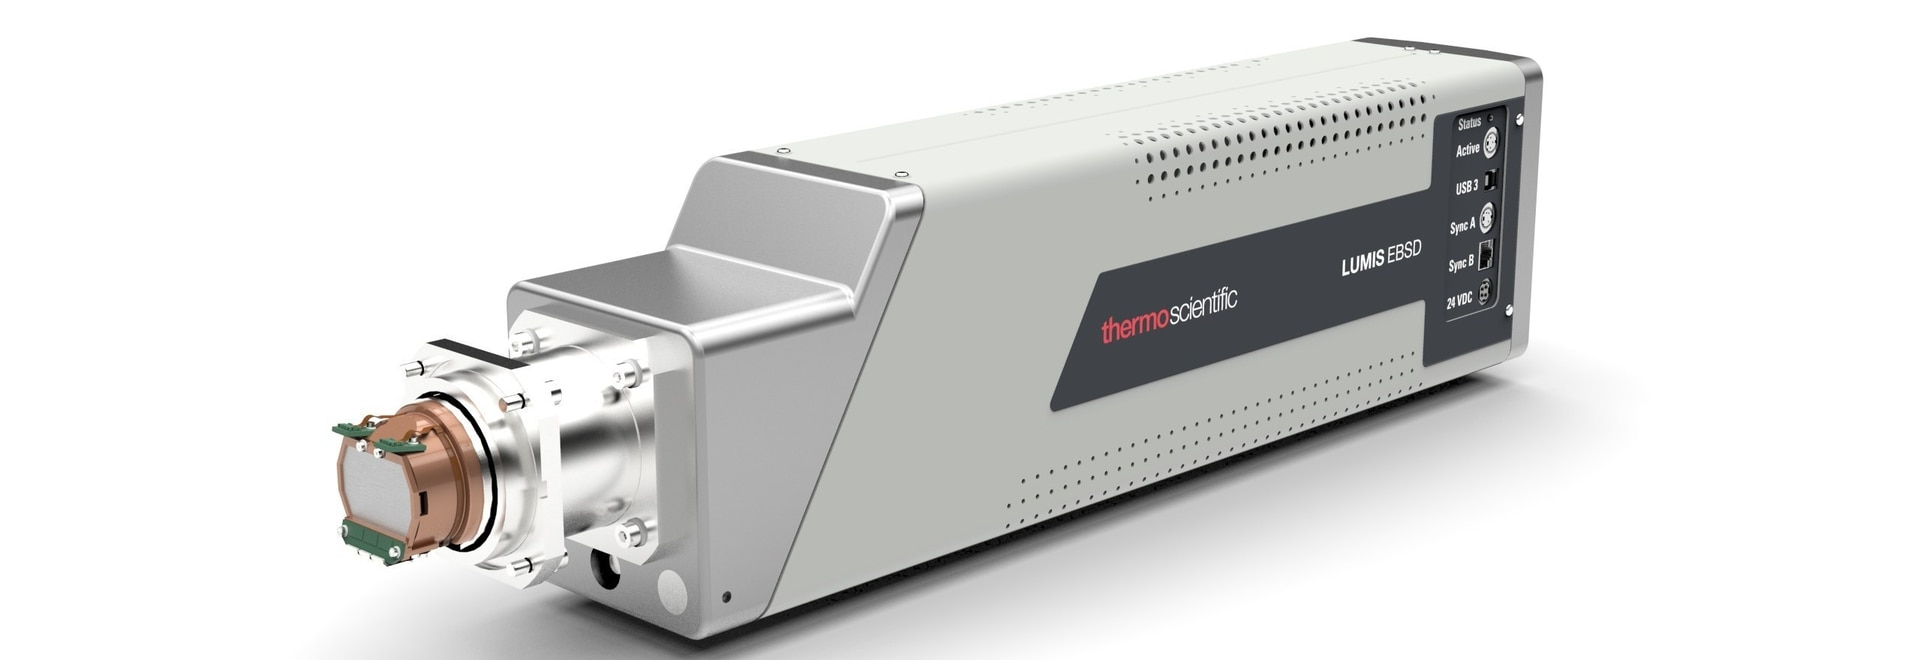 Detector Features Advanced Sensors and Optics